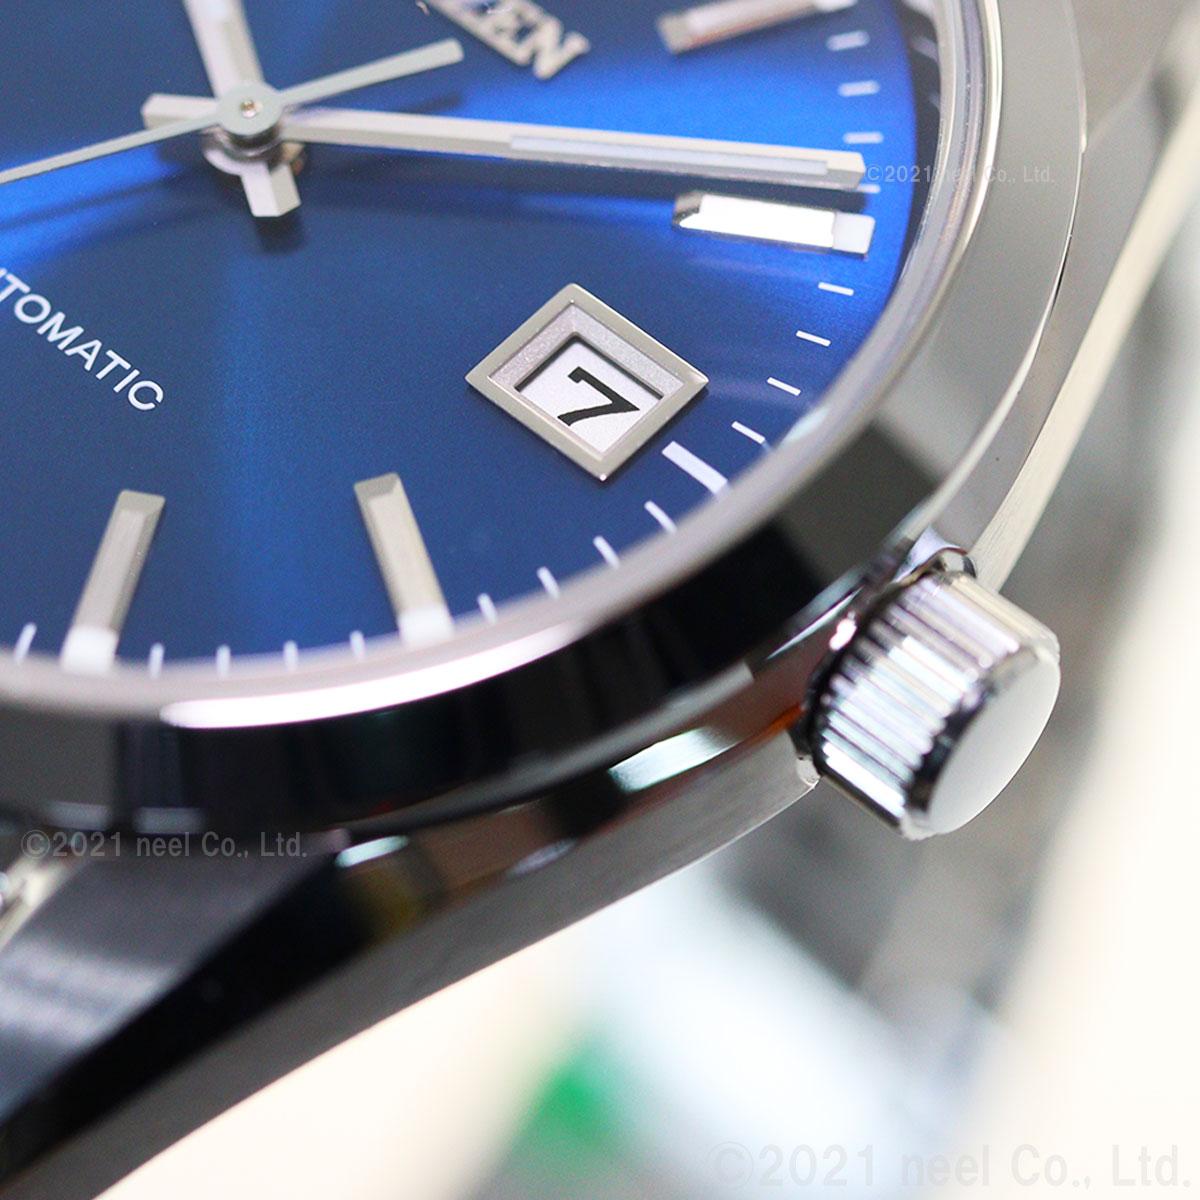 シチズンコレクション CITIZEN COLLECTION メカニカル 自動巻き 機械式 腕時計 メンズ クラシカルライン NB1050-59L